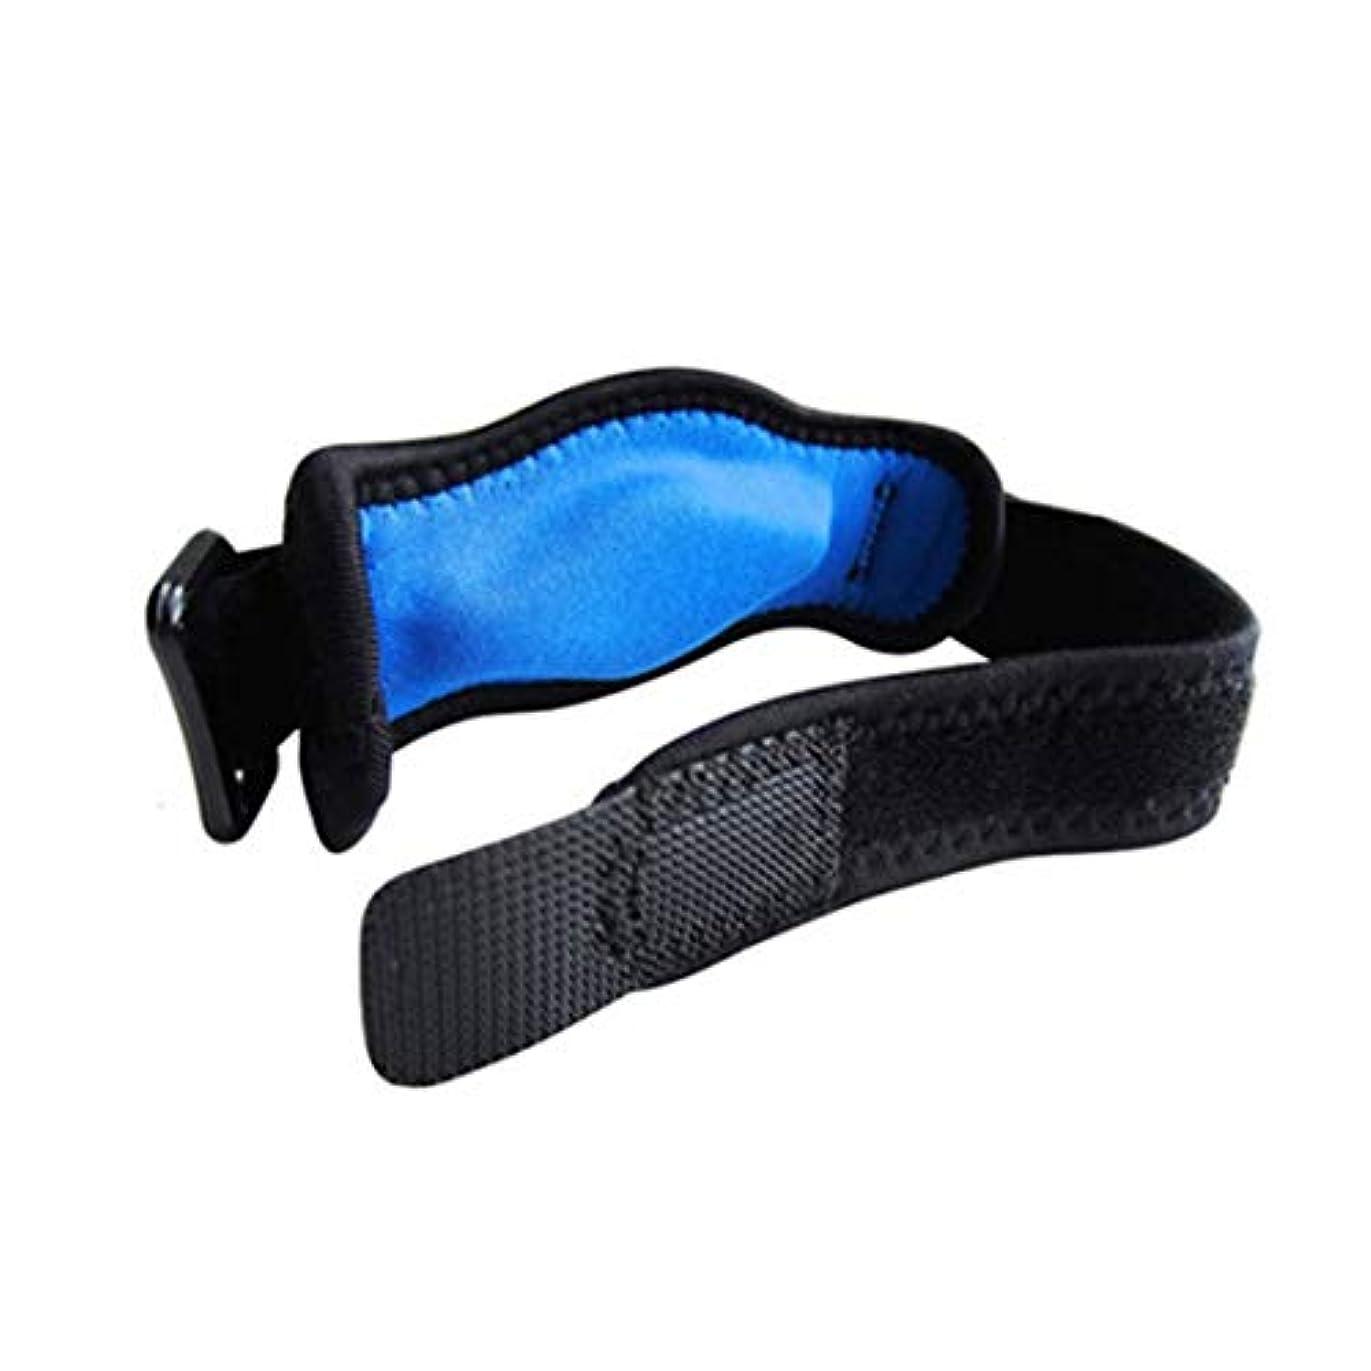 コンサートシートコロニー調節可能なテニス肘サポートストラップブレースゴルフ前腕痛み緩和 - 黒